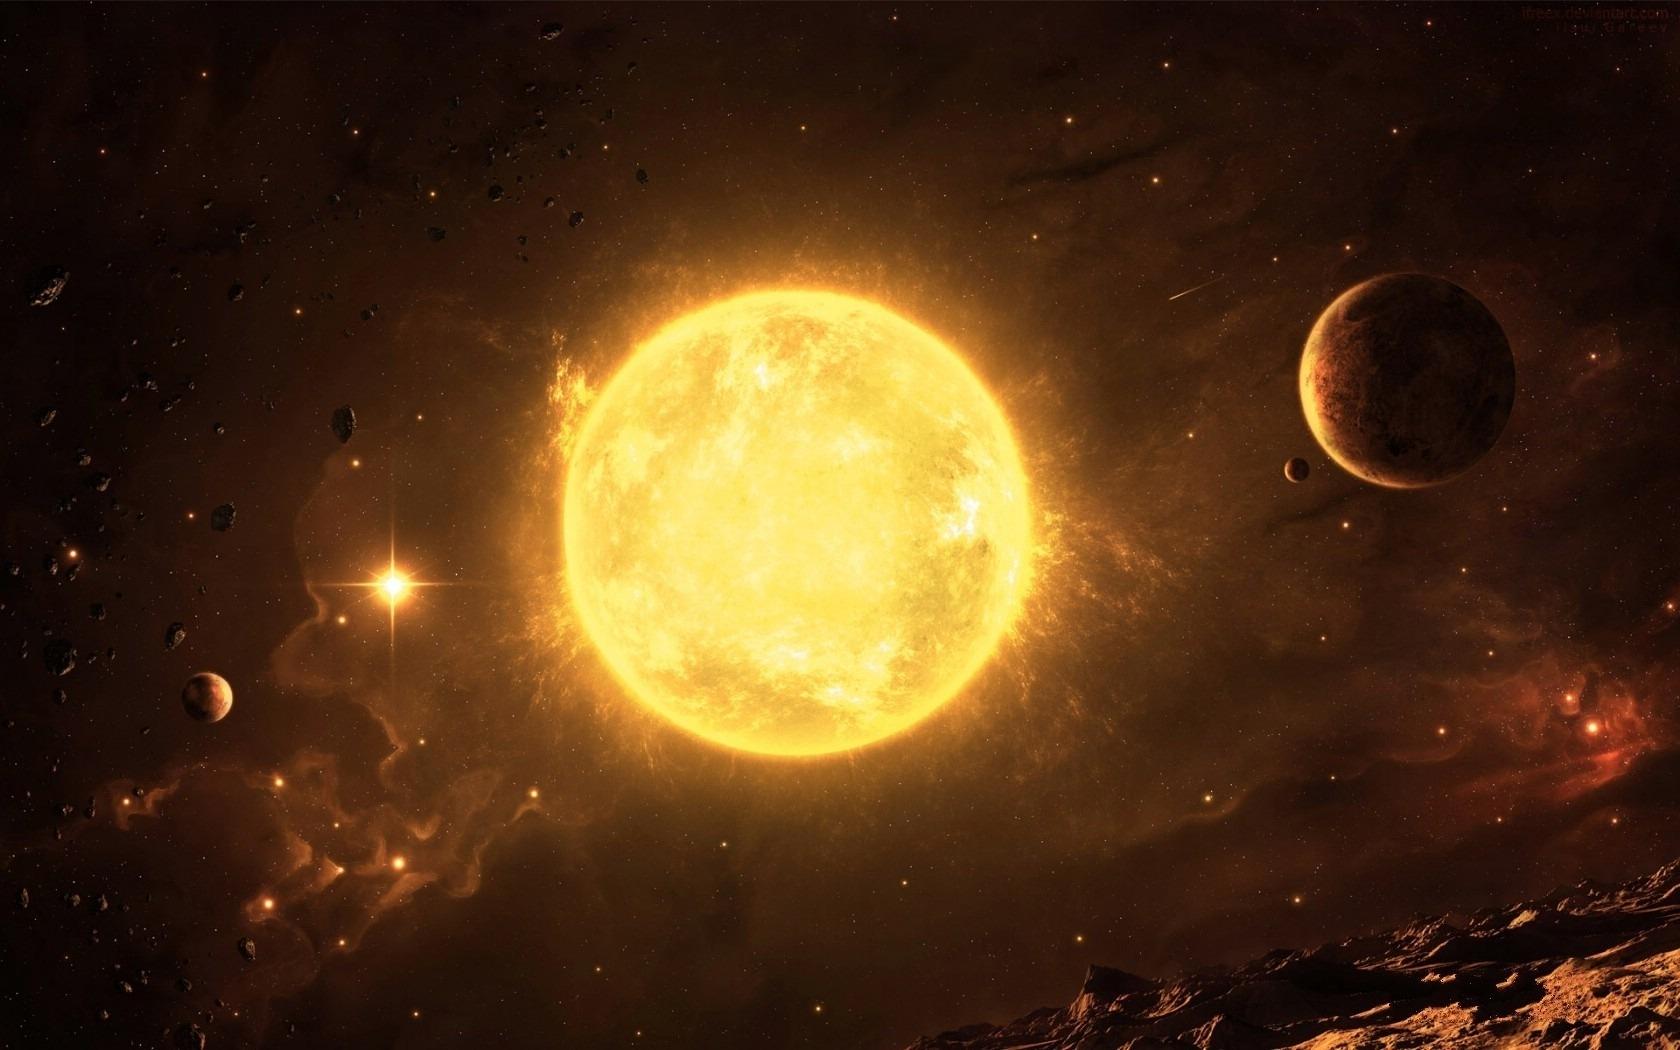 Spacespacestar027336